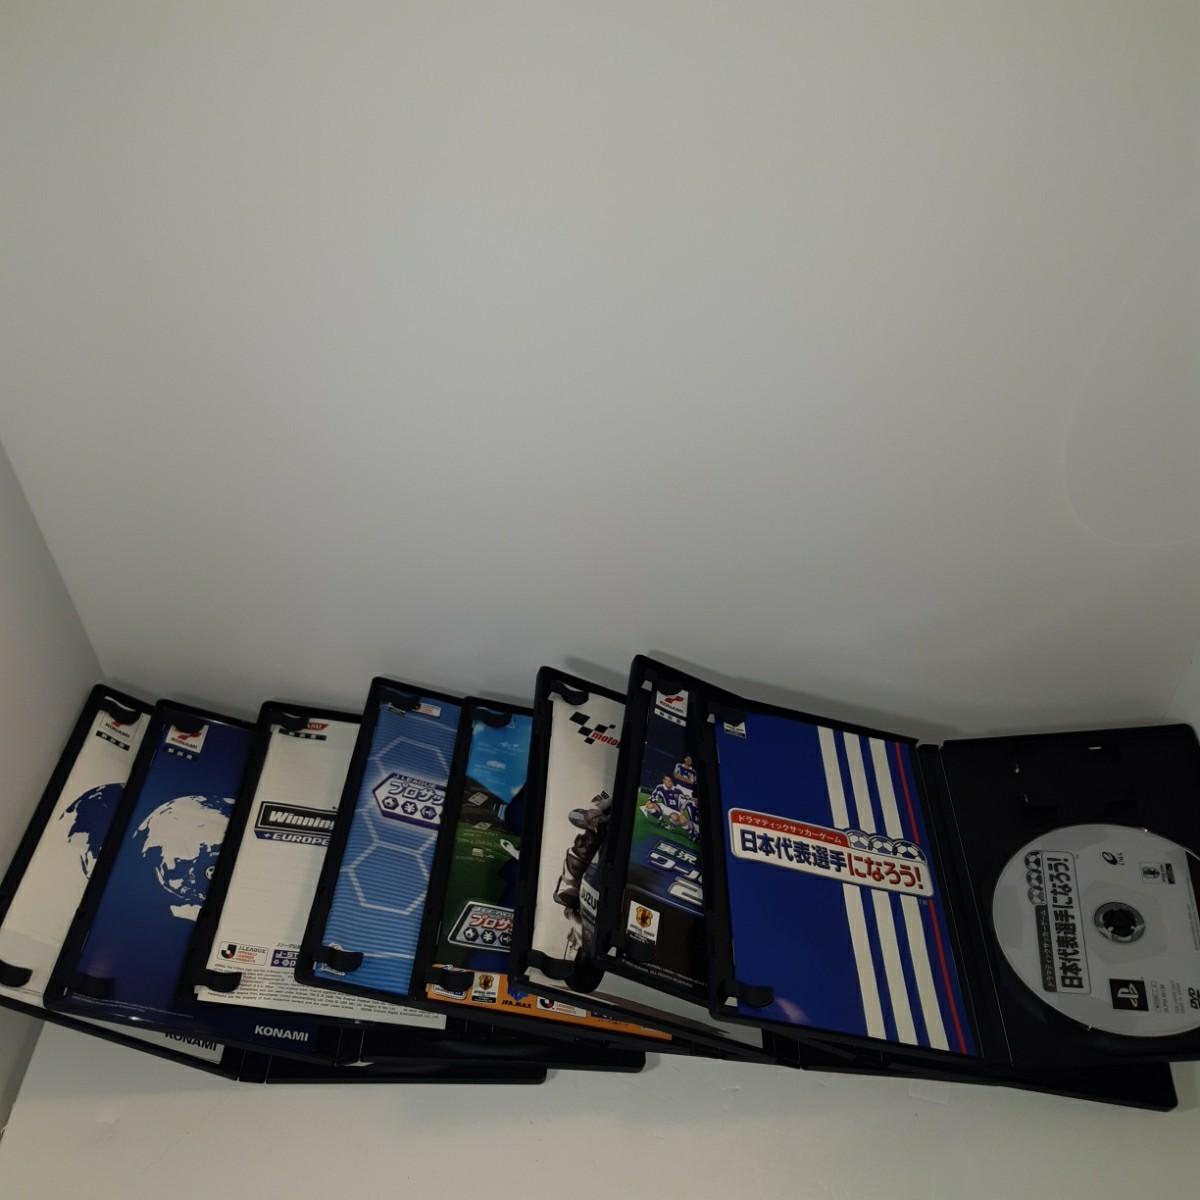 (匿名配送)プレステ2 ソフト25本セット ケース説明書付属 ps2 動作品 プレイステーション2  PlayStation2